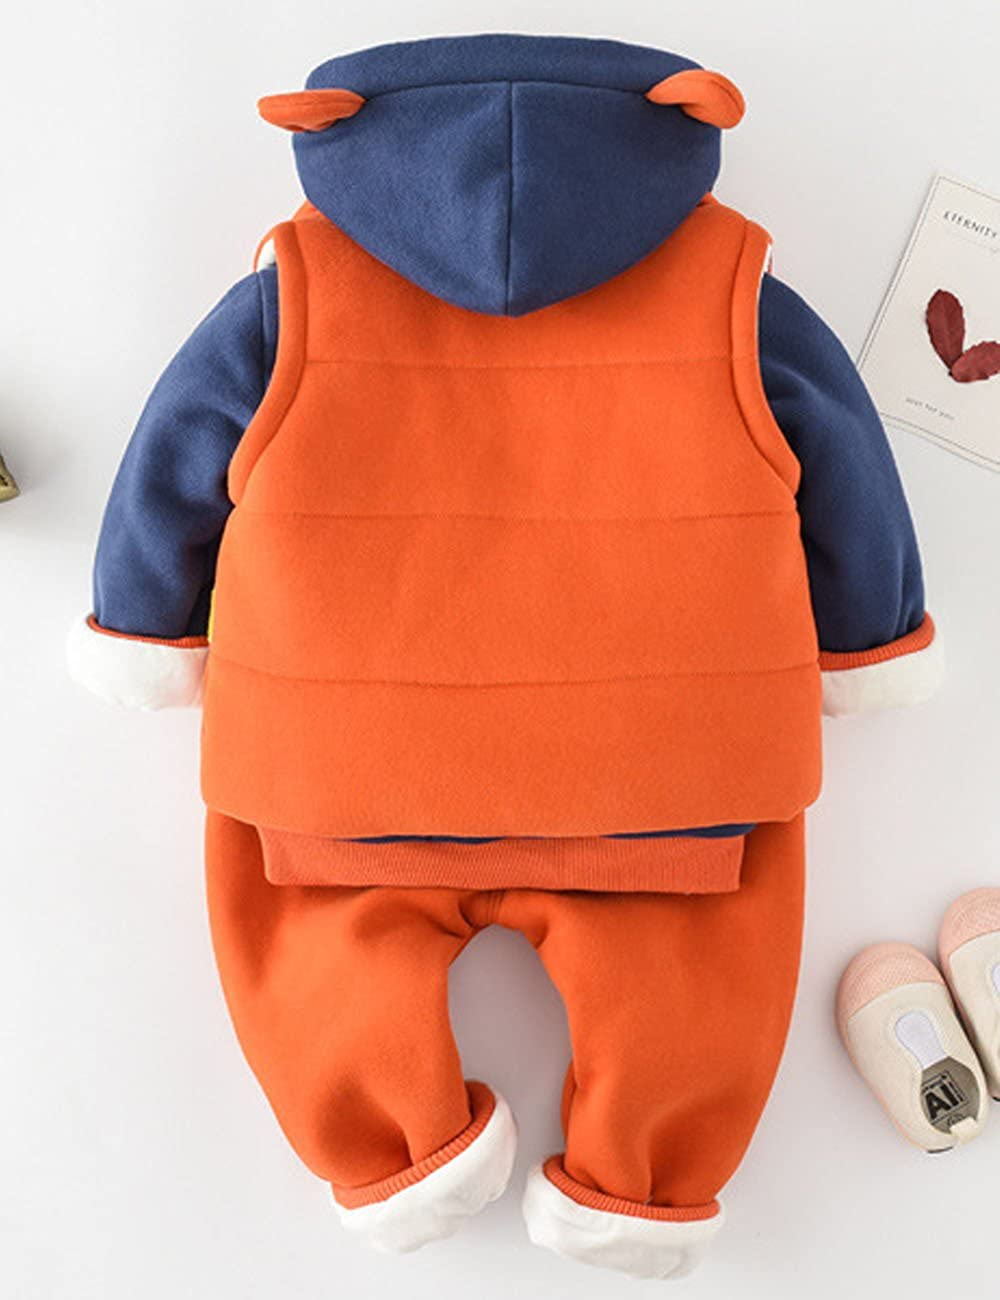 ccd7c47b1 ARAUS 0.5-5 Años Niño Niña Patrón Tops Pantalones Vestimenta Otoño Invierno  Ropa Conjuntos  Amazon.es  Ropa y accesorios